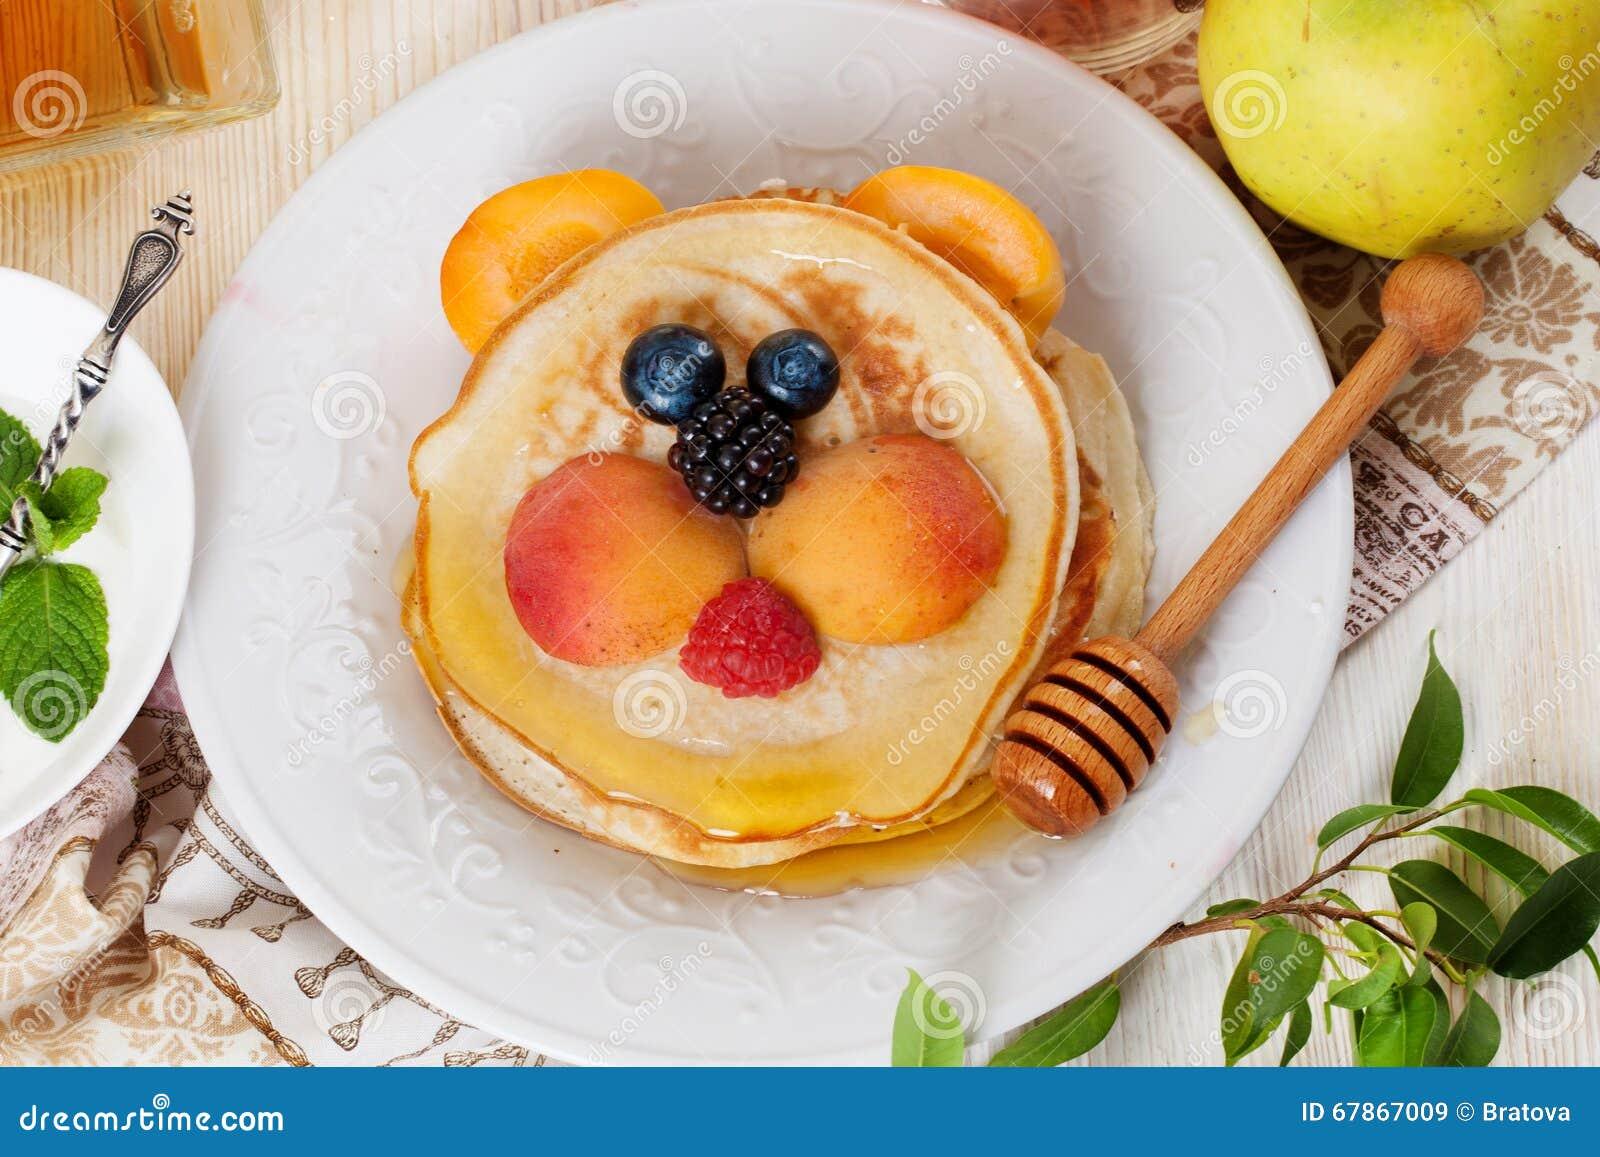 Het ontbijtpannekoeken die van kinderen gezicht van de de aardbeibosbes van de babyteddybeer en de abrikoos, leuk voedsel, honing